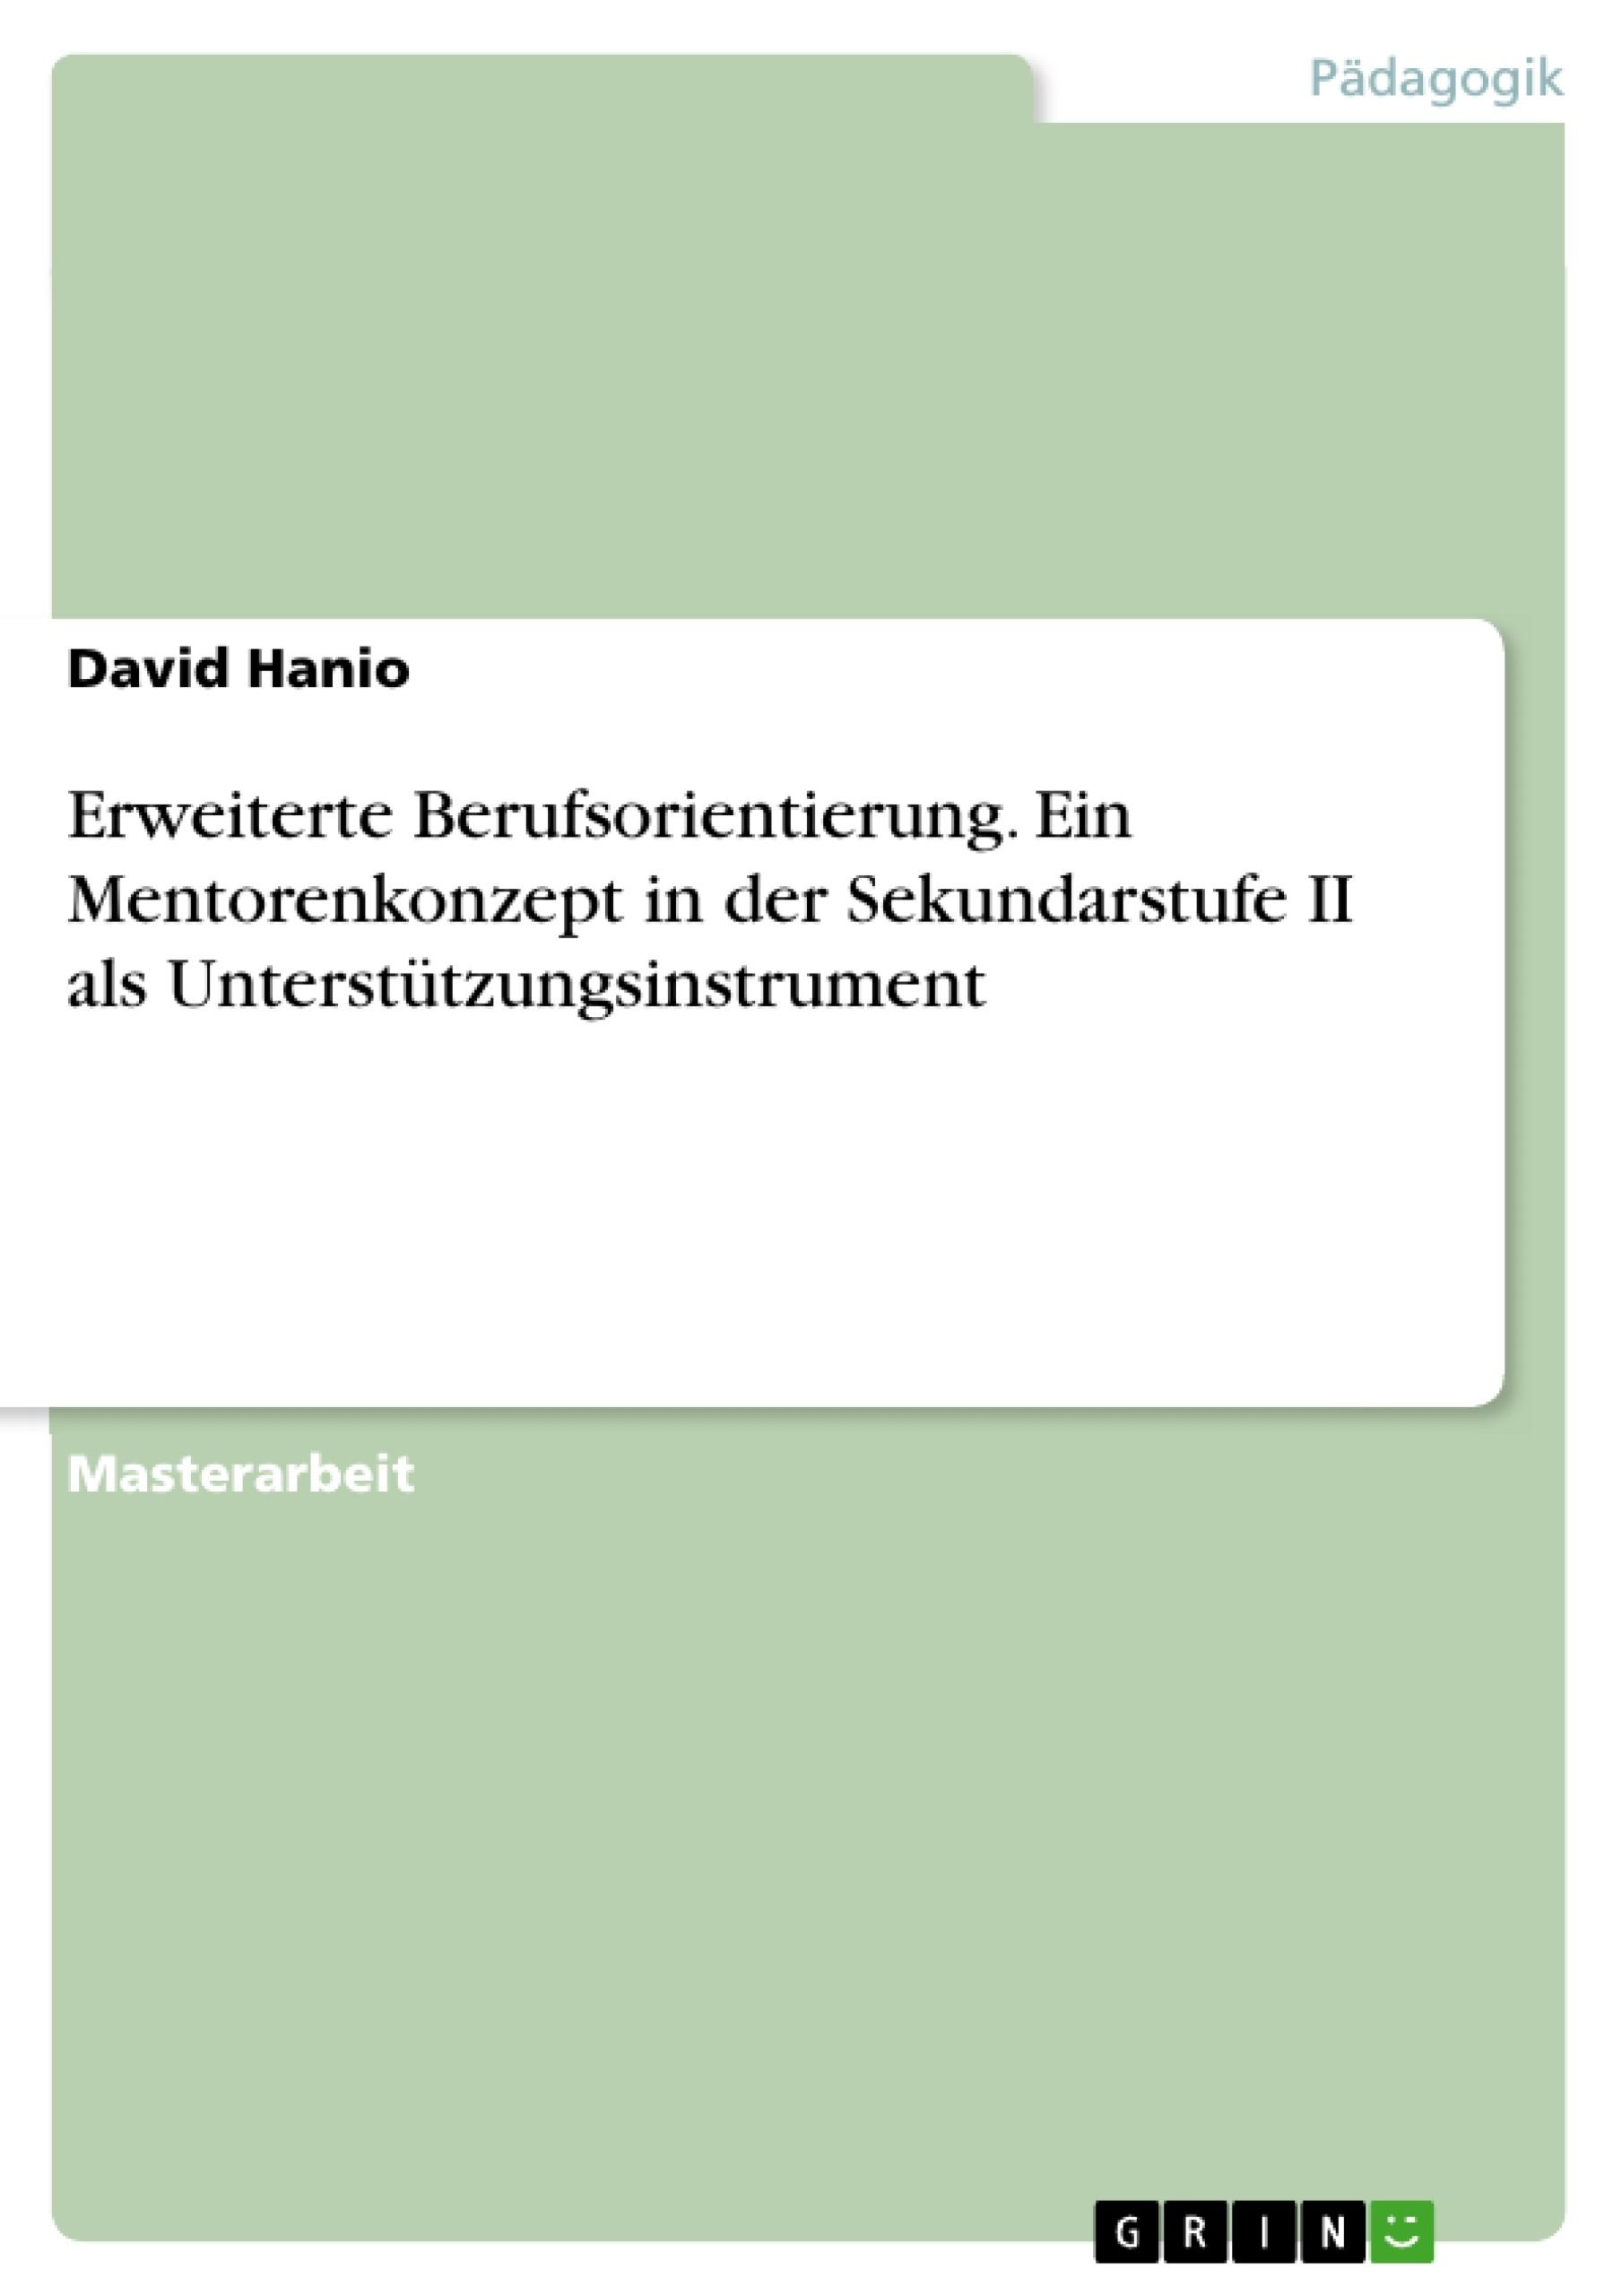 Titel: Erweiterte Berufsorientierung. Ein Mentorenkonzept in der Sekundarstufe II als Unterstützungsinstrument